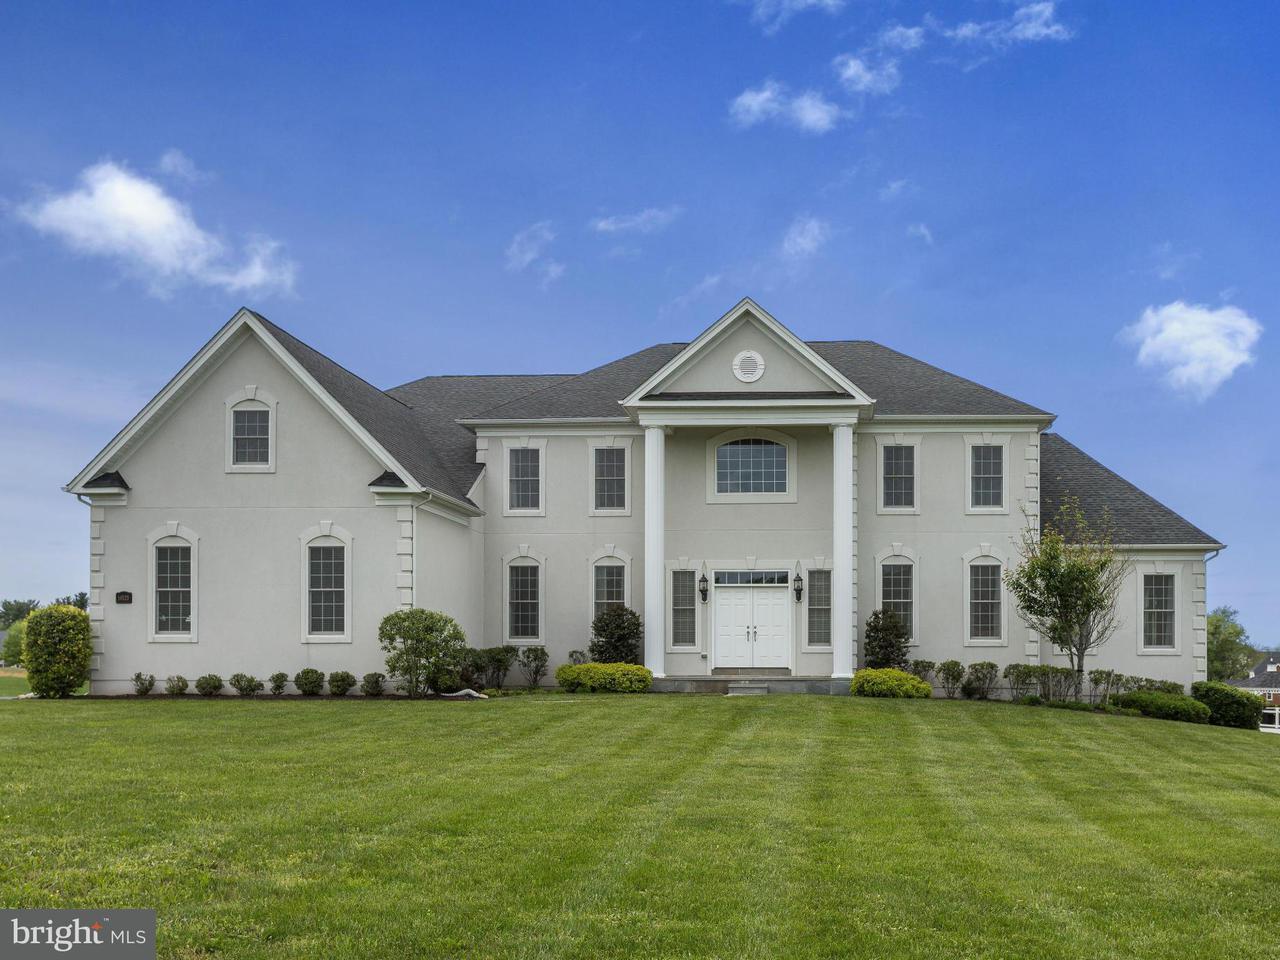 Single Family for Sale at 14525 Edgewoods Way Glenelg, Maryland 21737 United States